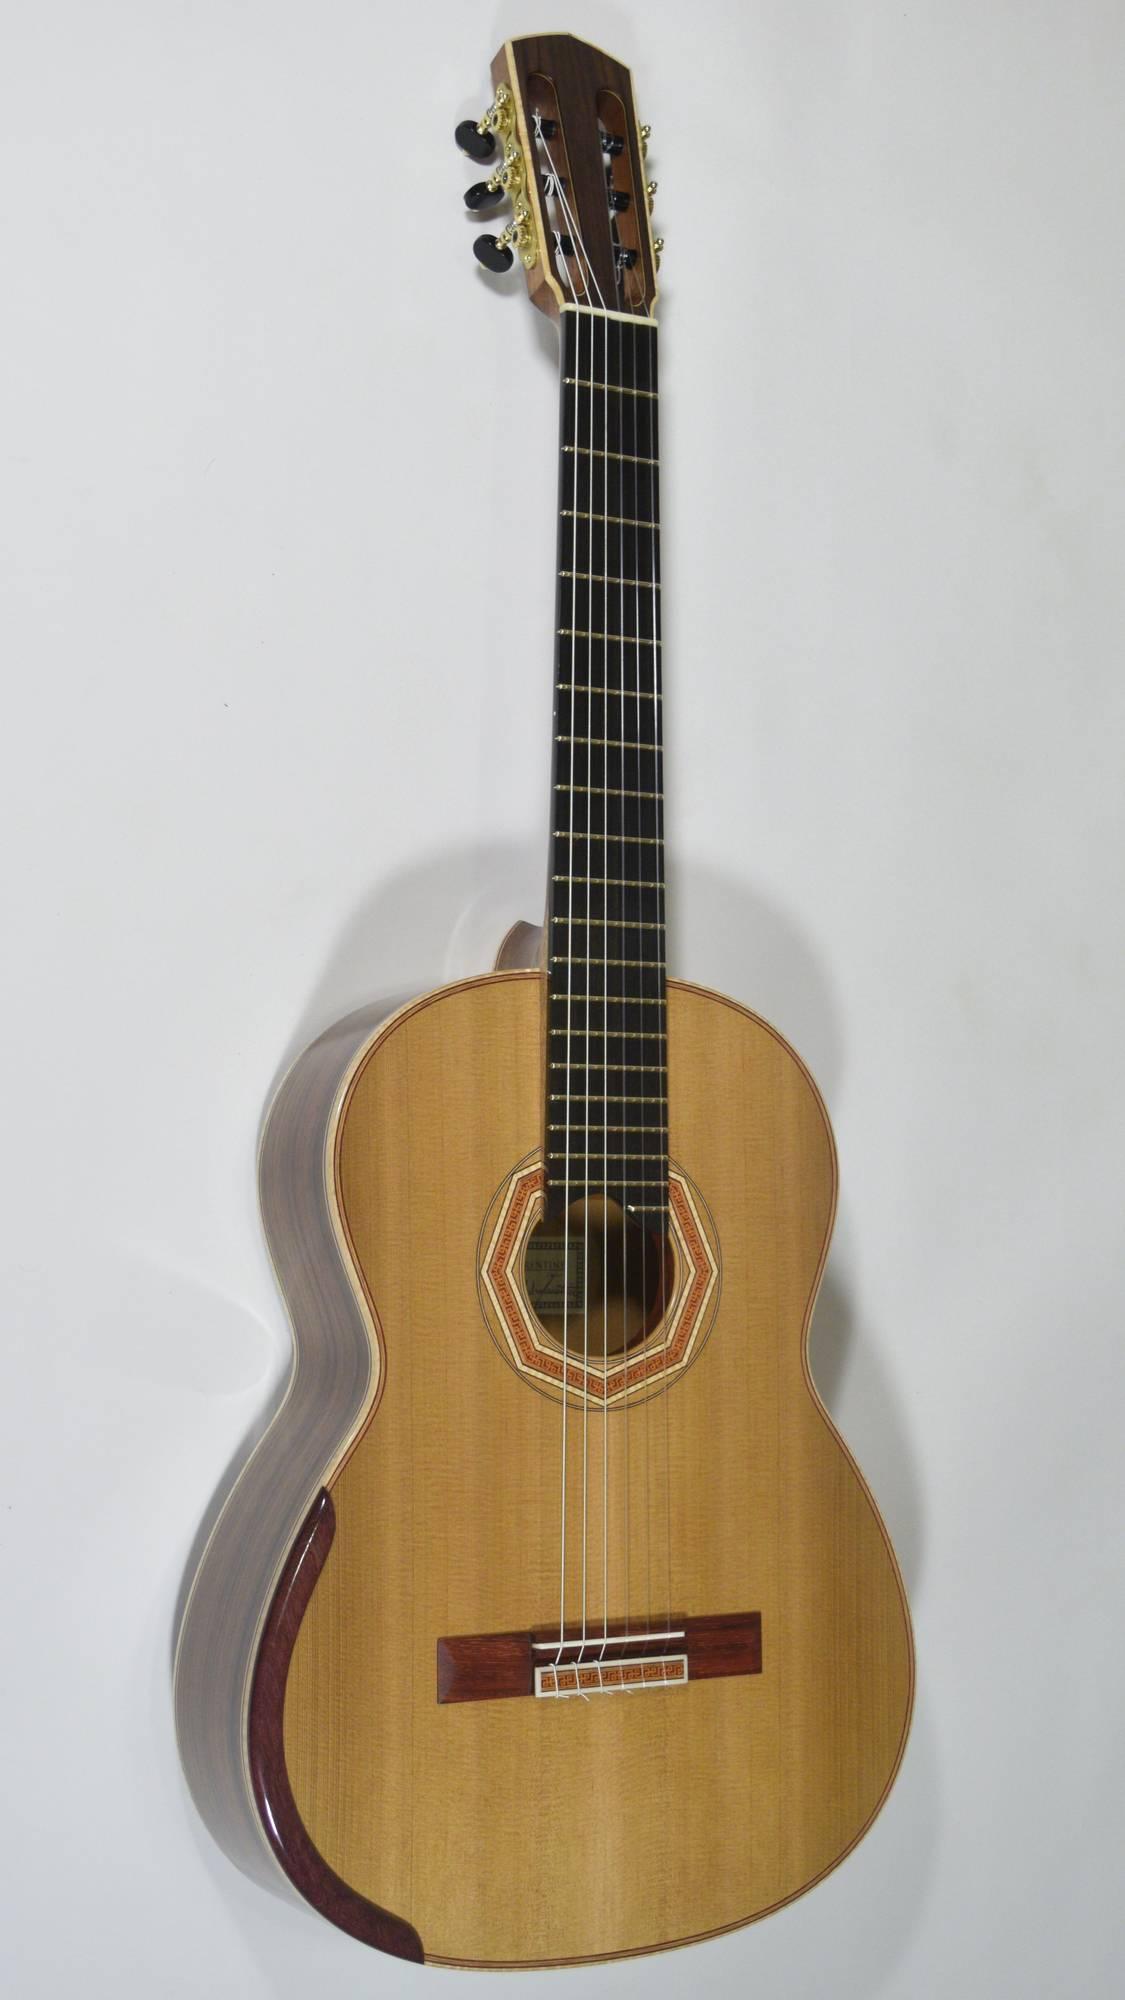 Guitar No. 38